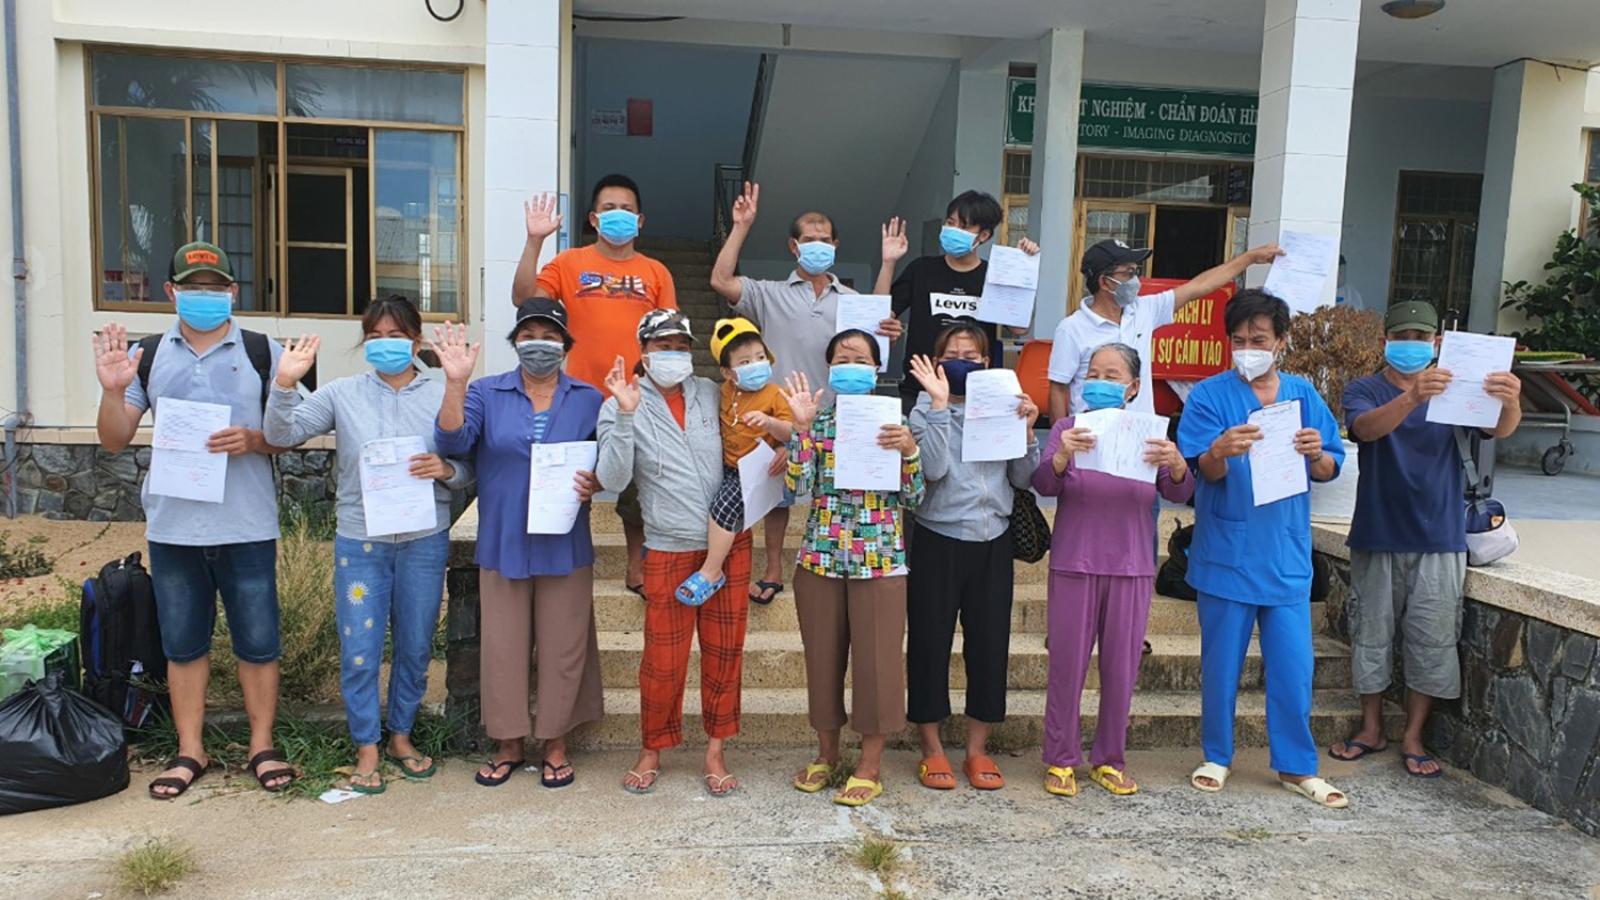 Hơn 1.000 bệnh nhân mắc Covid-19 ở Phú Yên được chữa khỏi bệnh và xuất viện